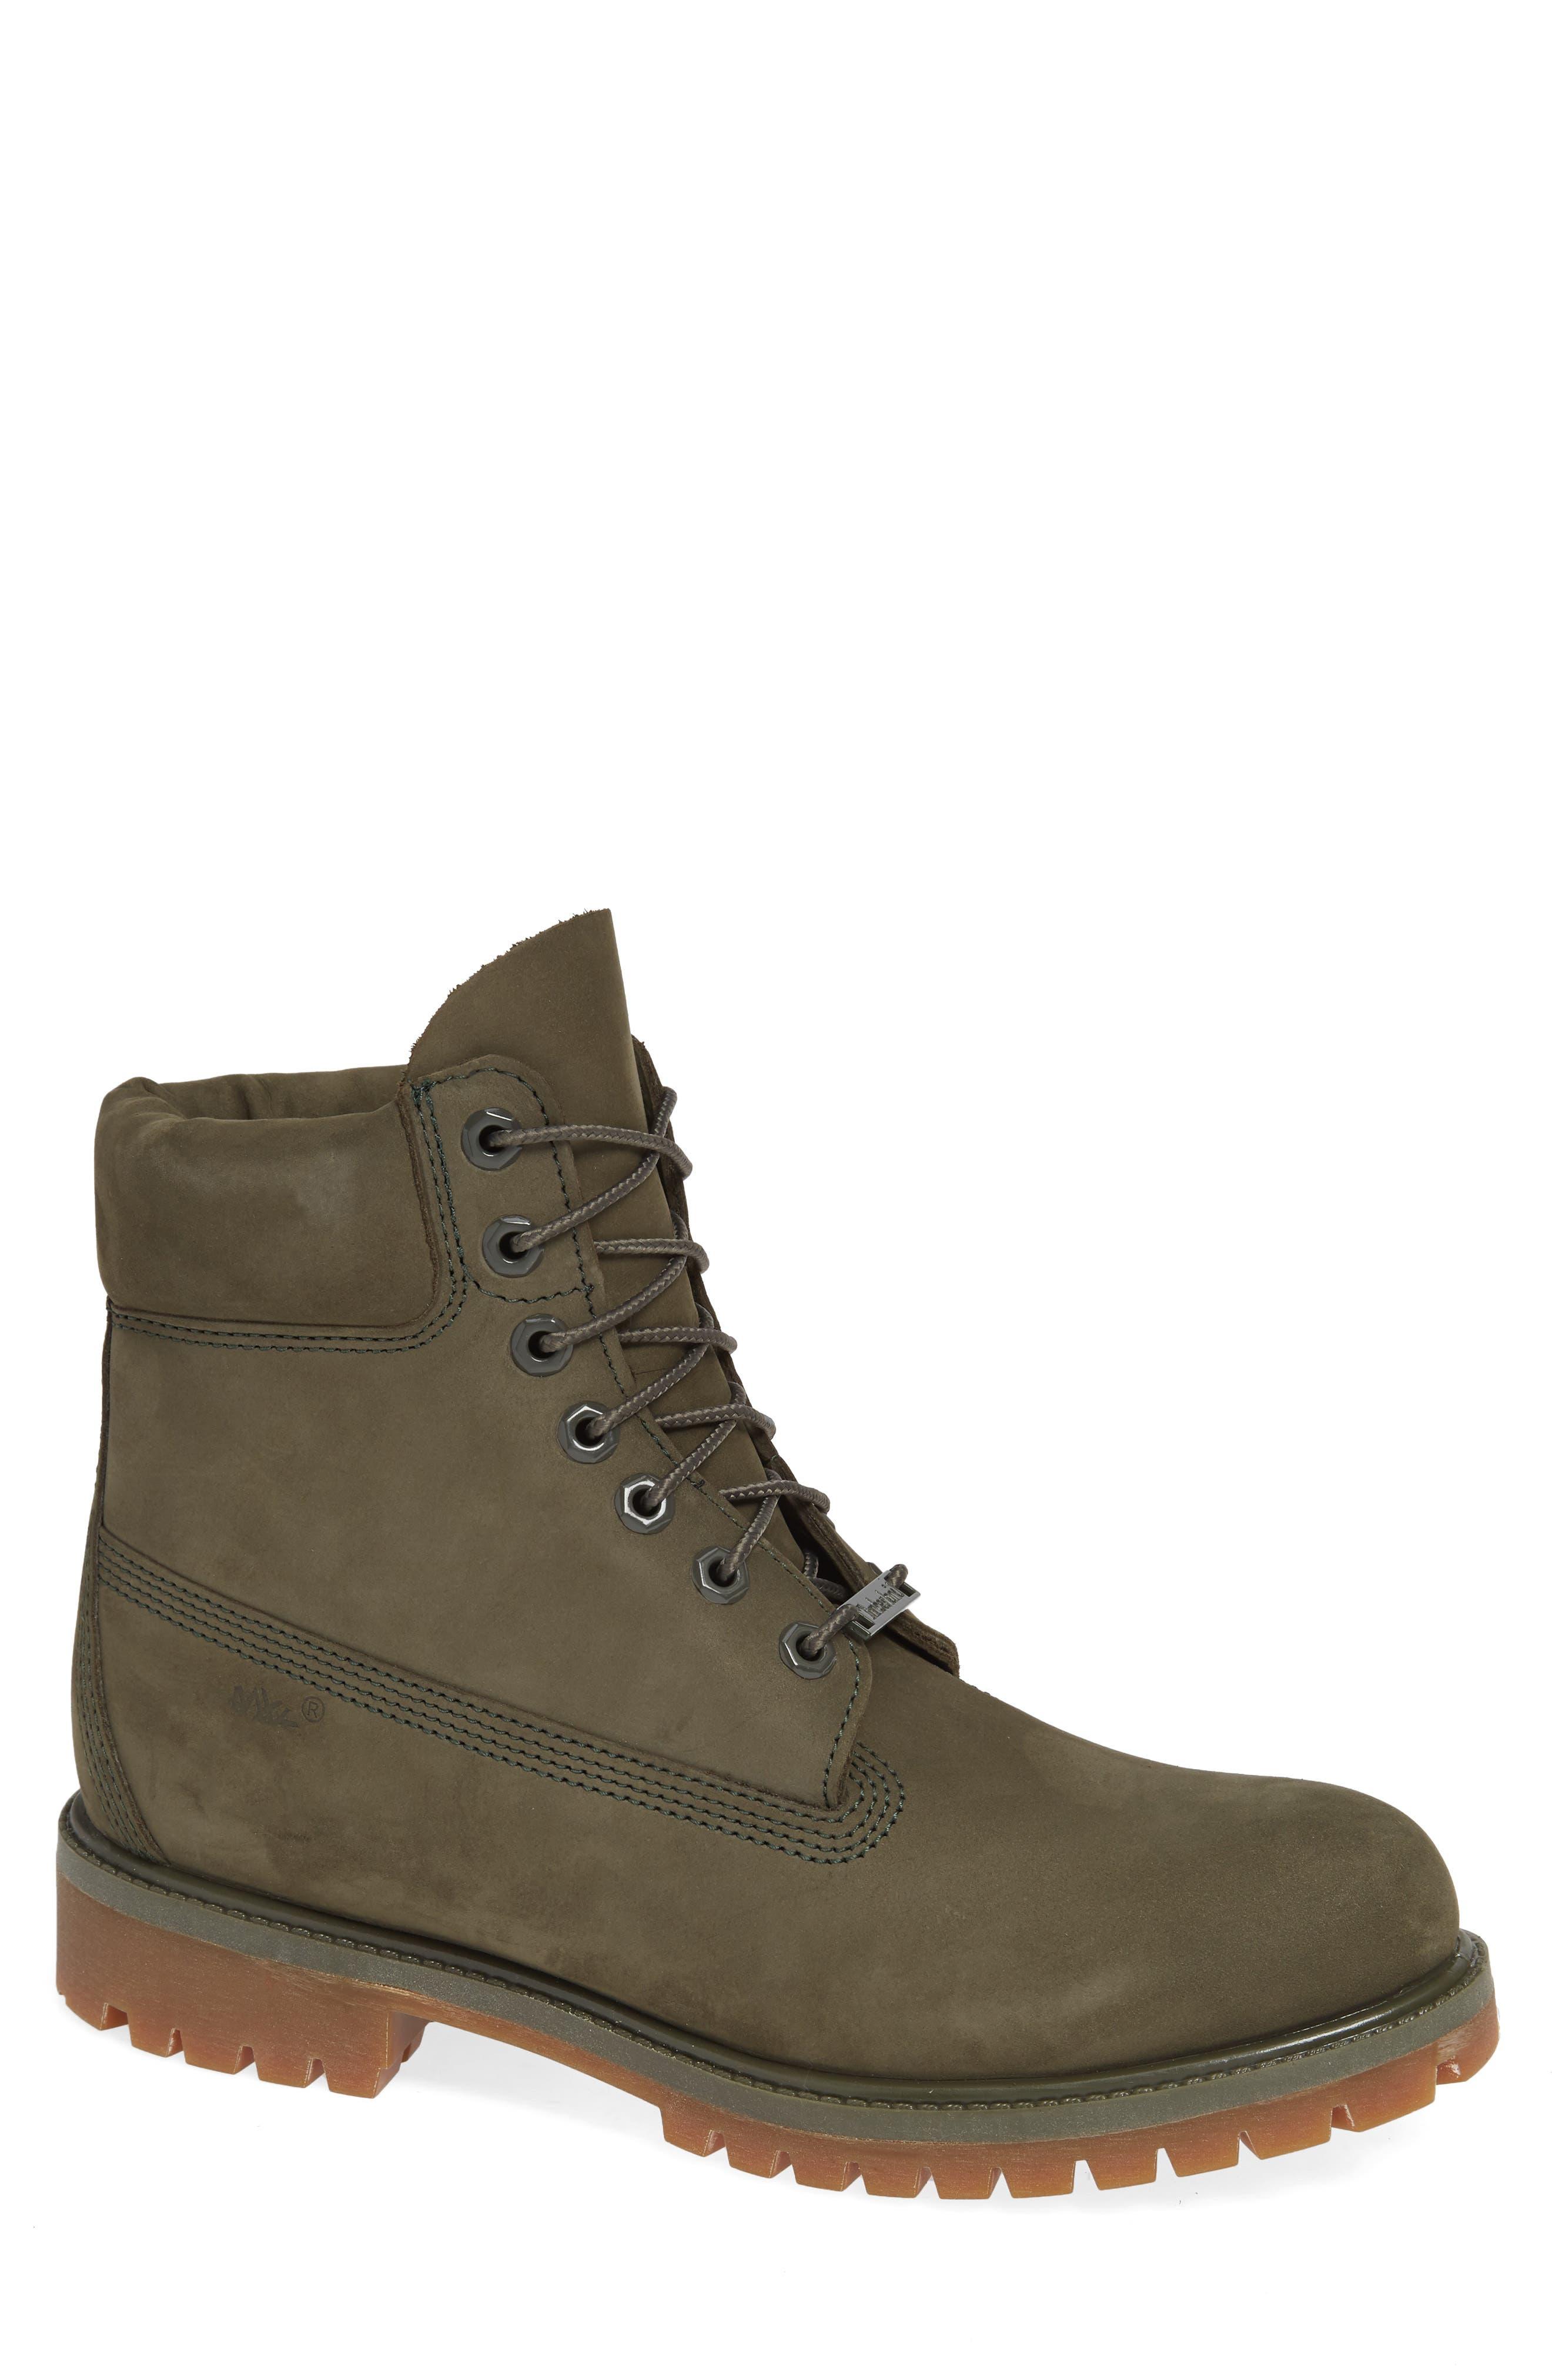 6fd87bbda29 Mens Boots